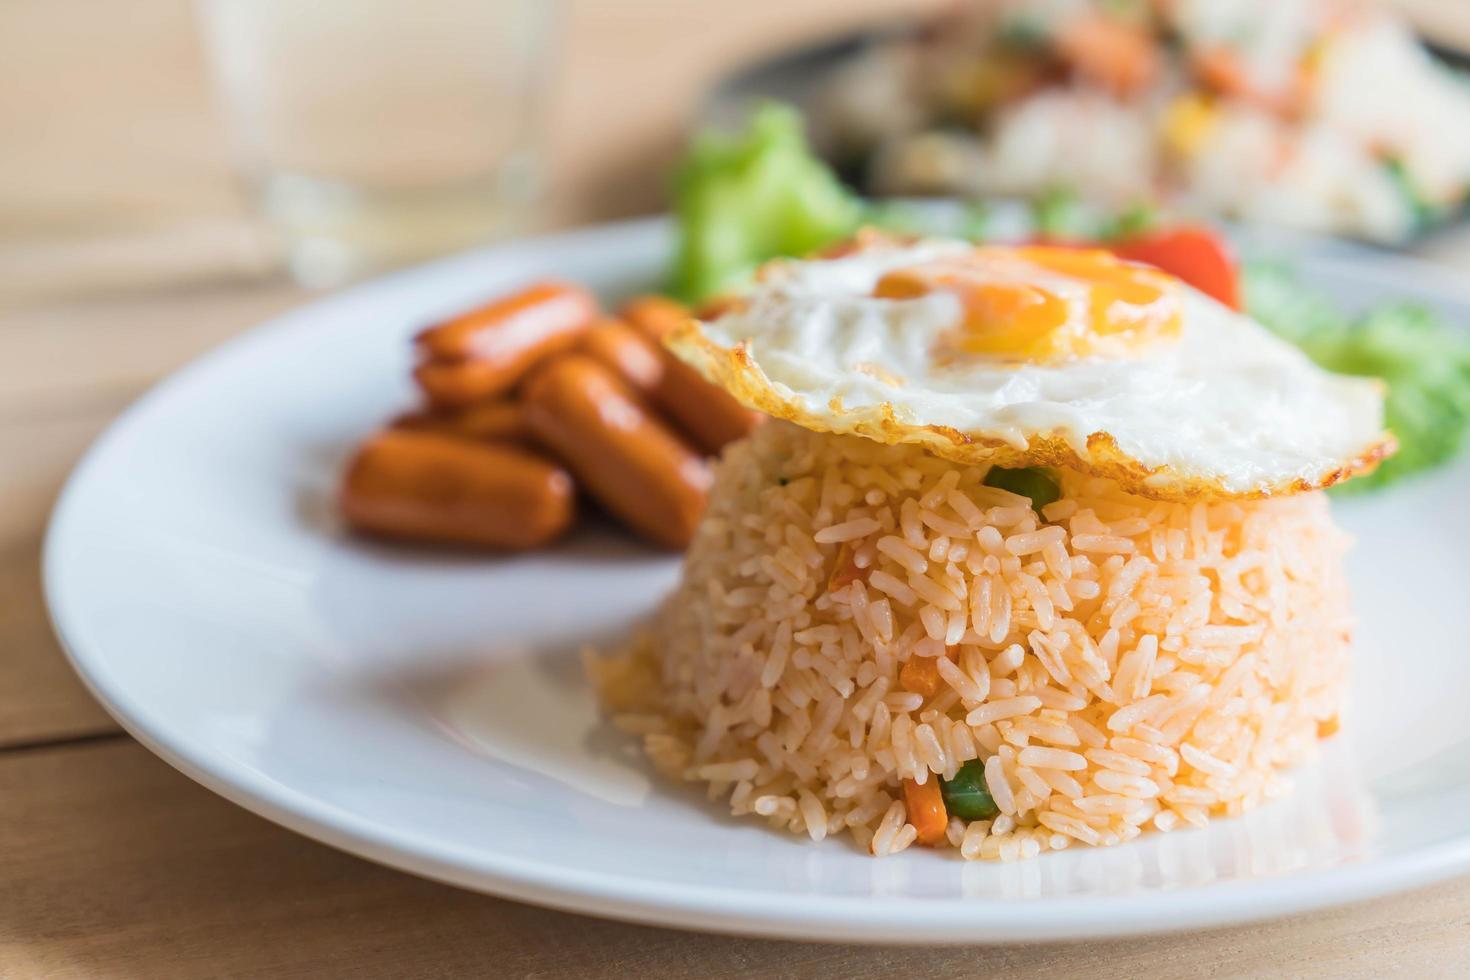 bord met gebakken ei, rijst en worst erop foto